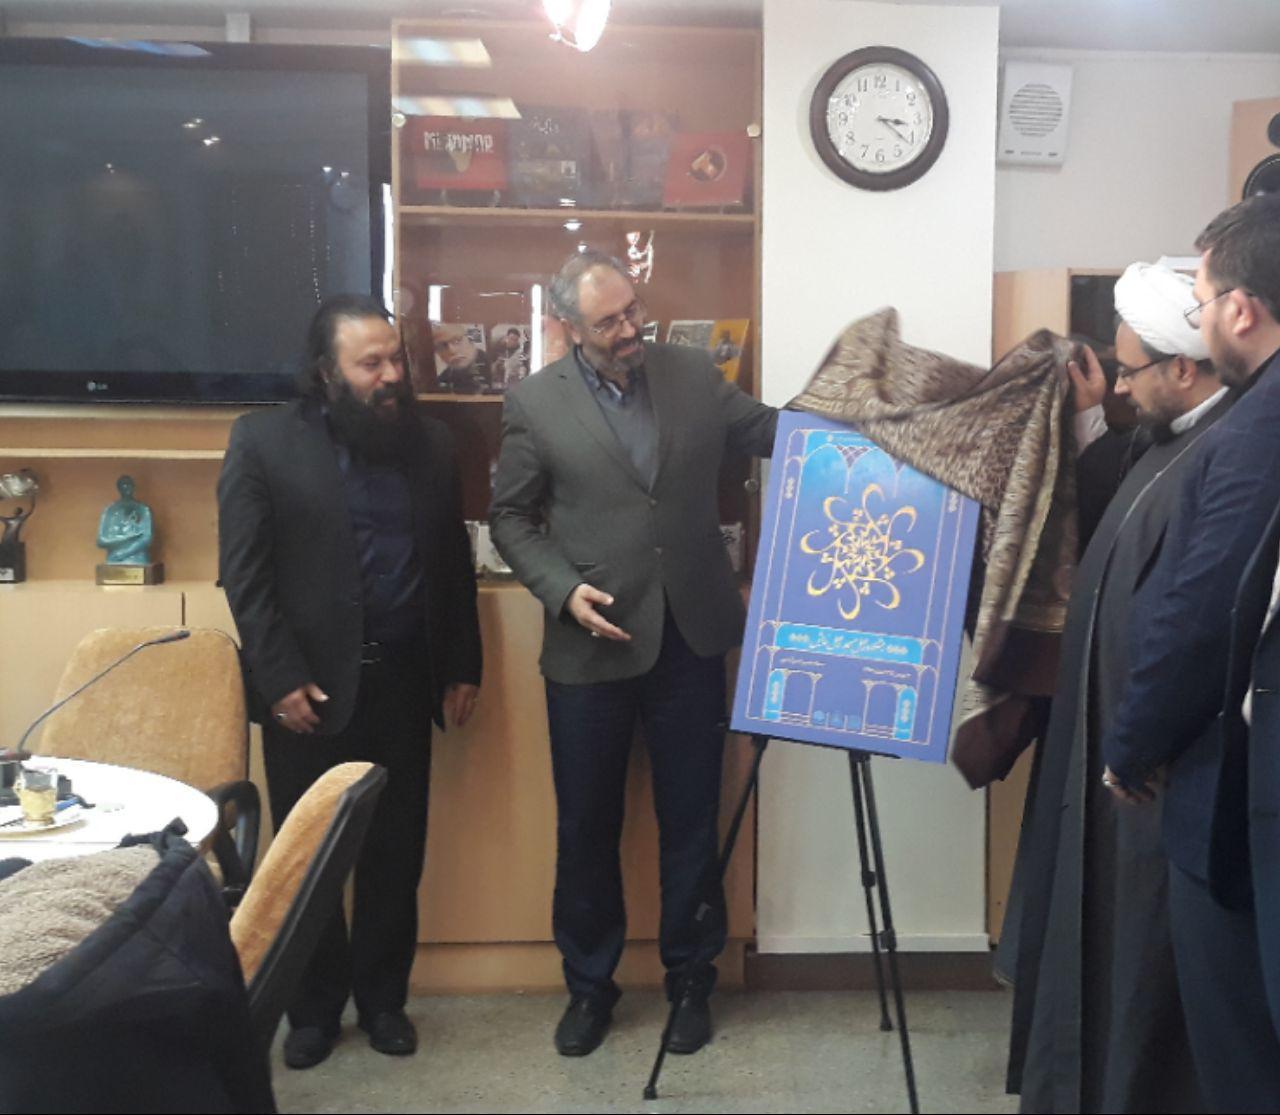 مسجد خاستگاه چهرههای برجسته فرهنگ و هنر است/ تذکر رئیس حوزه به اهالی تئاتر